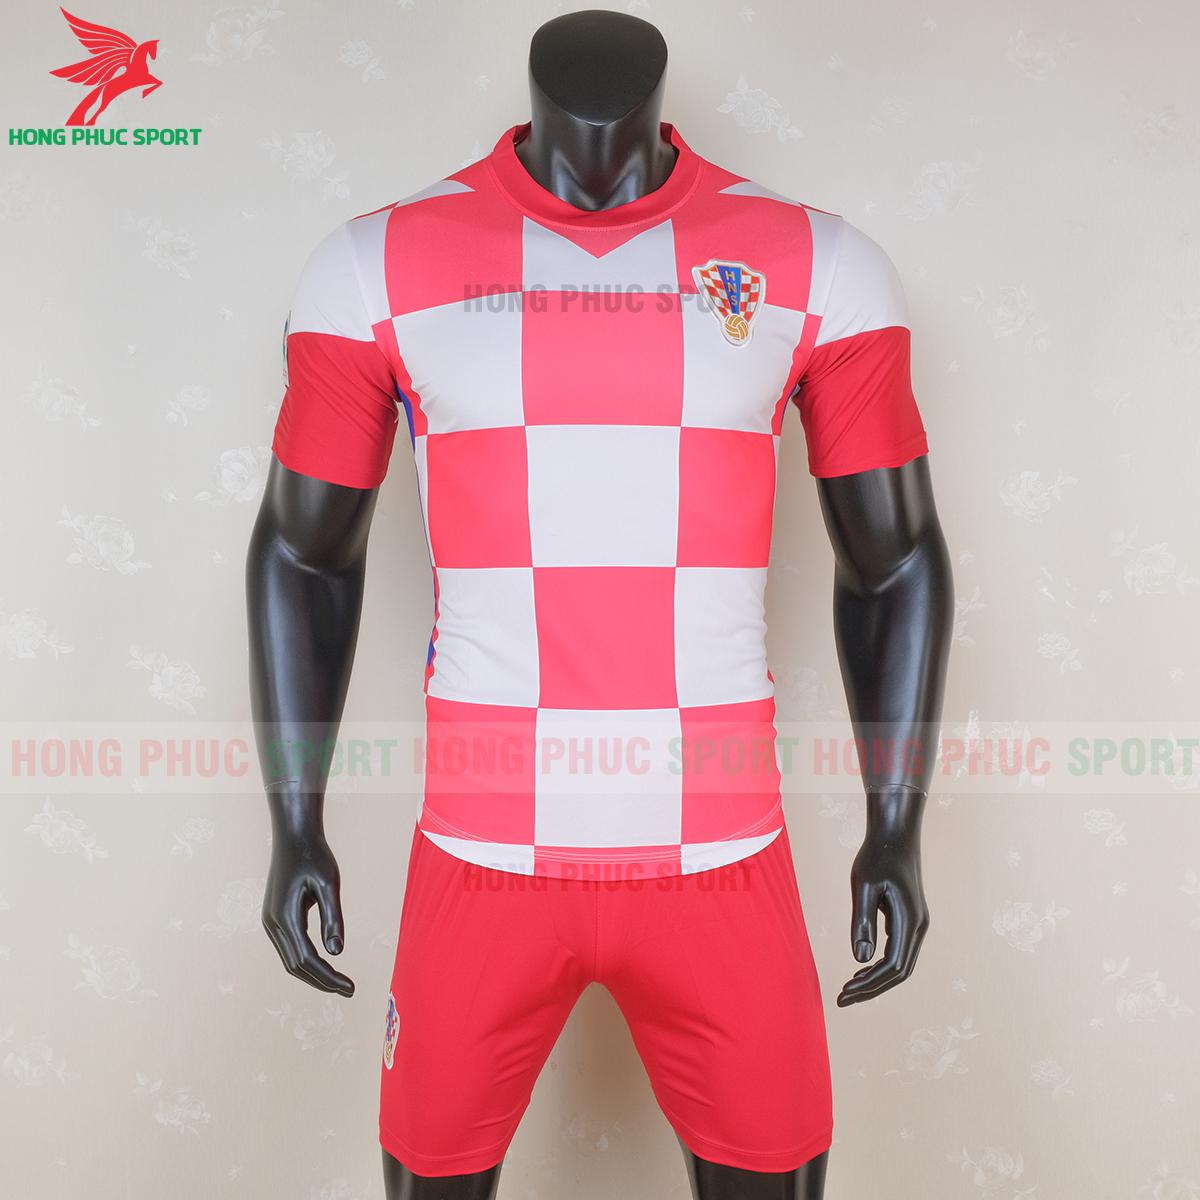 https://cdn.hongphucsport.com/unsafe/s4.shopbay.vn/files/285/ao-bong-da-tuyen-croatia-2020-san-nha-6-5f714936be796.png